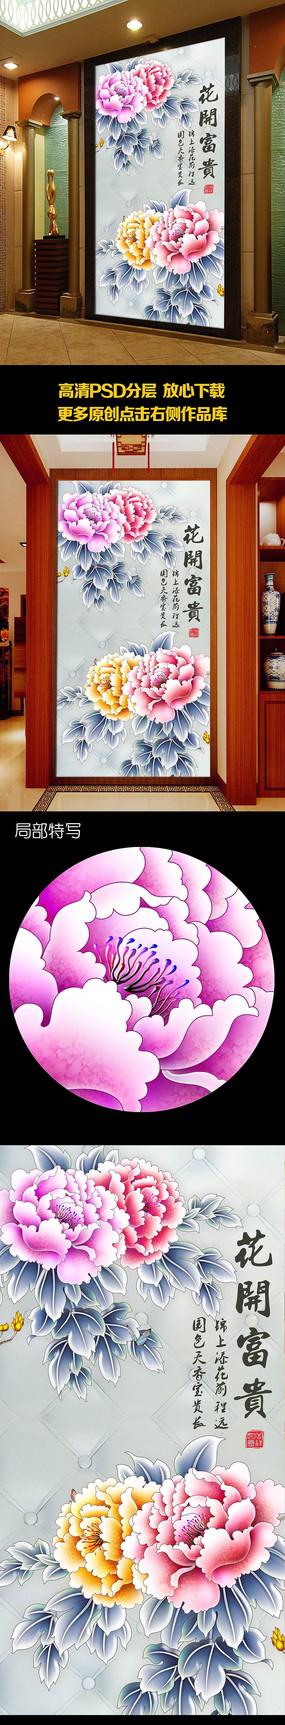 花开富贵彩雕牡丹玄关背景墙